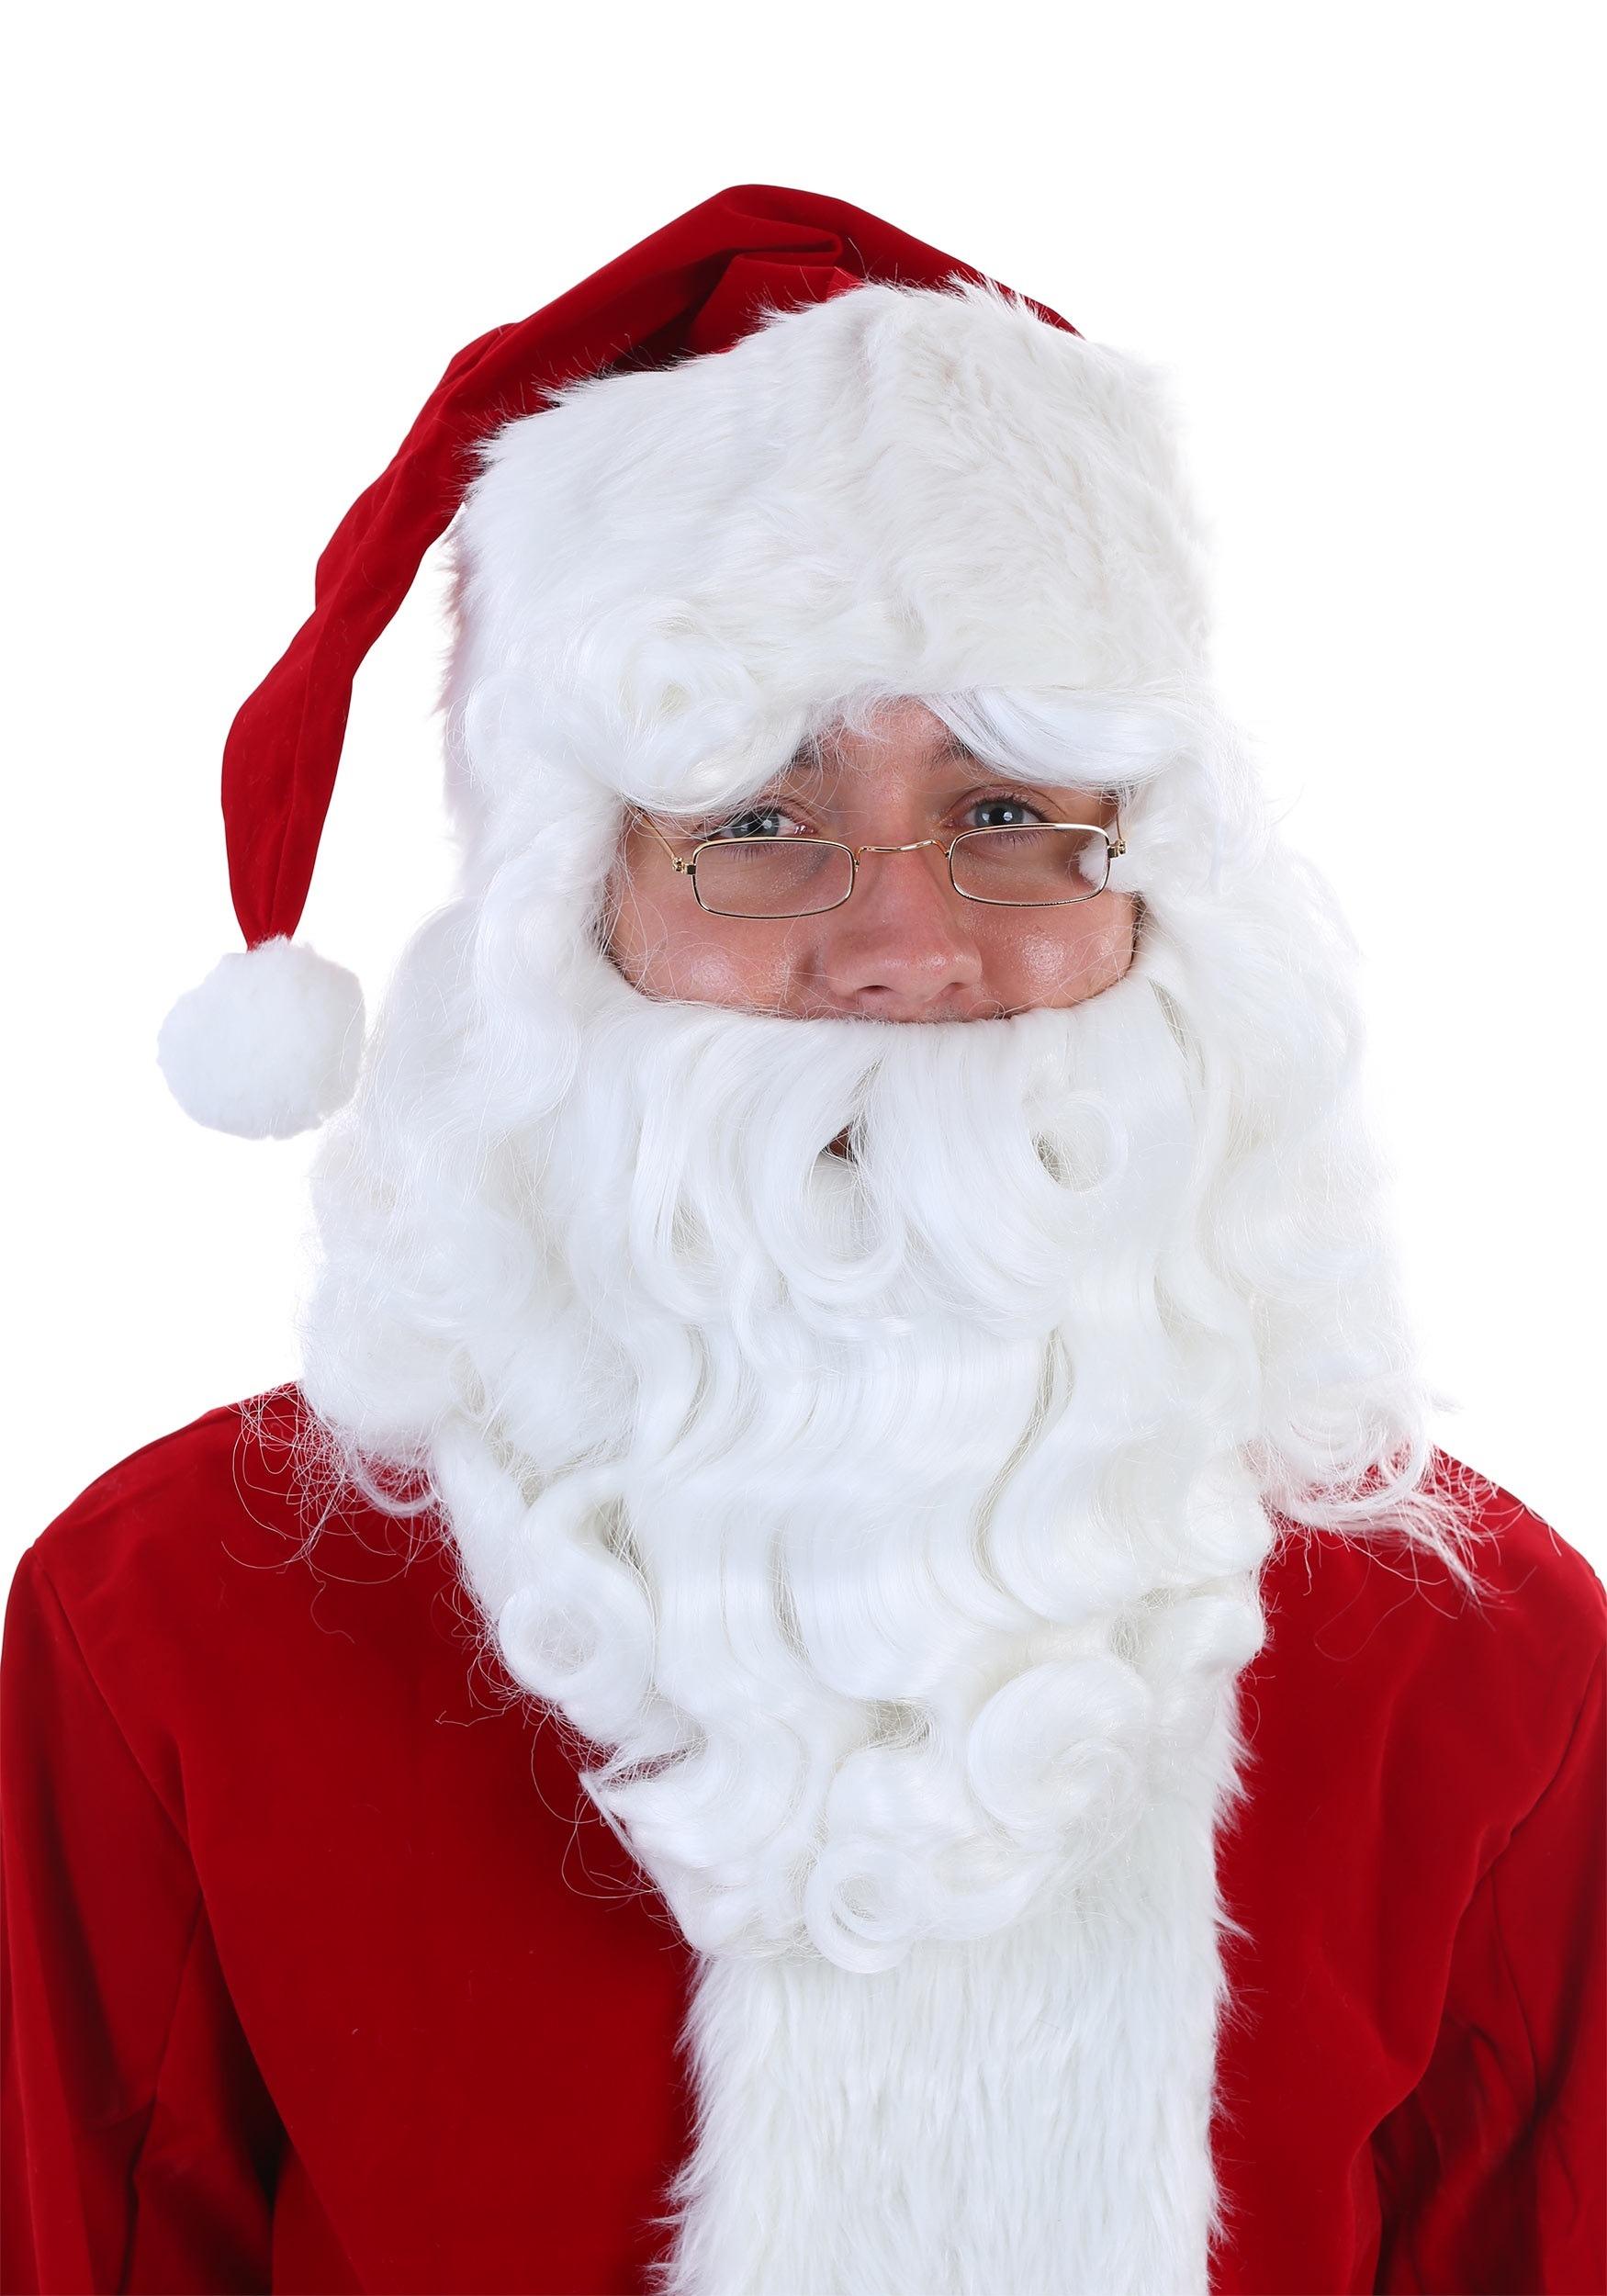 Santa Claus Wig and Beard Set Fever Quality